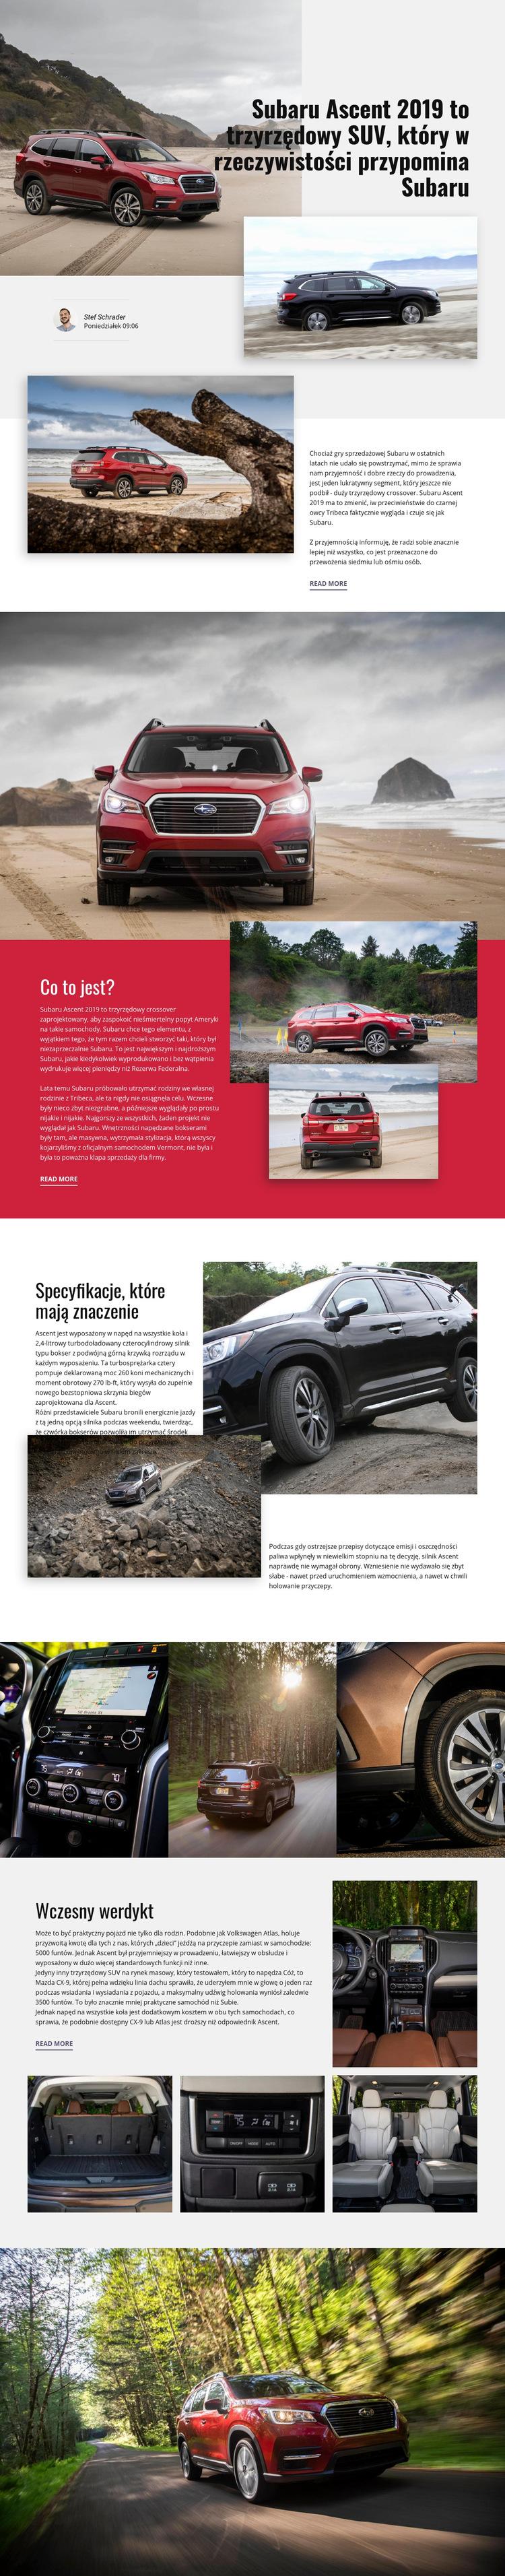 Subaru Szablon witryny sieci Web